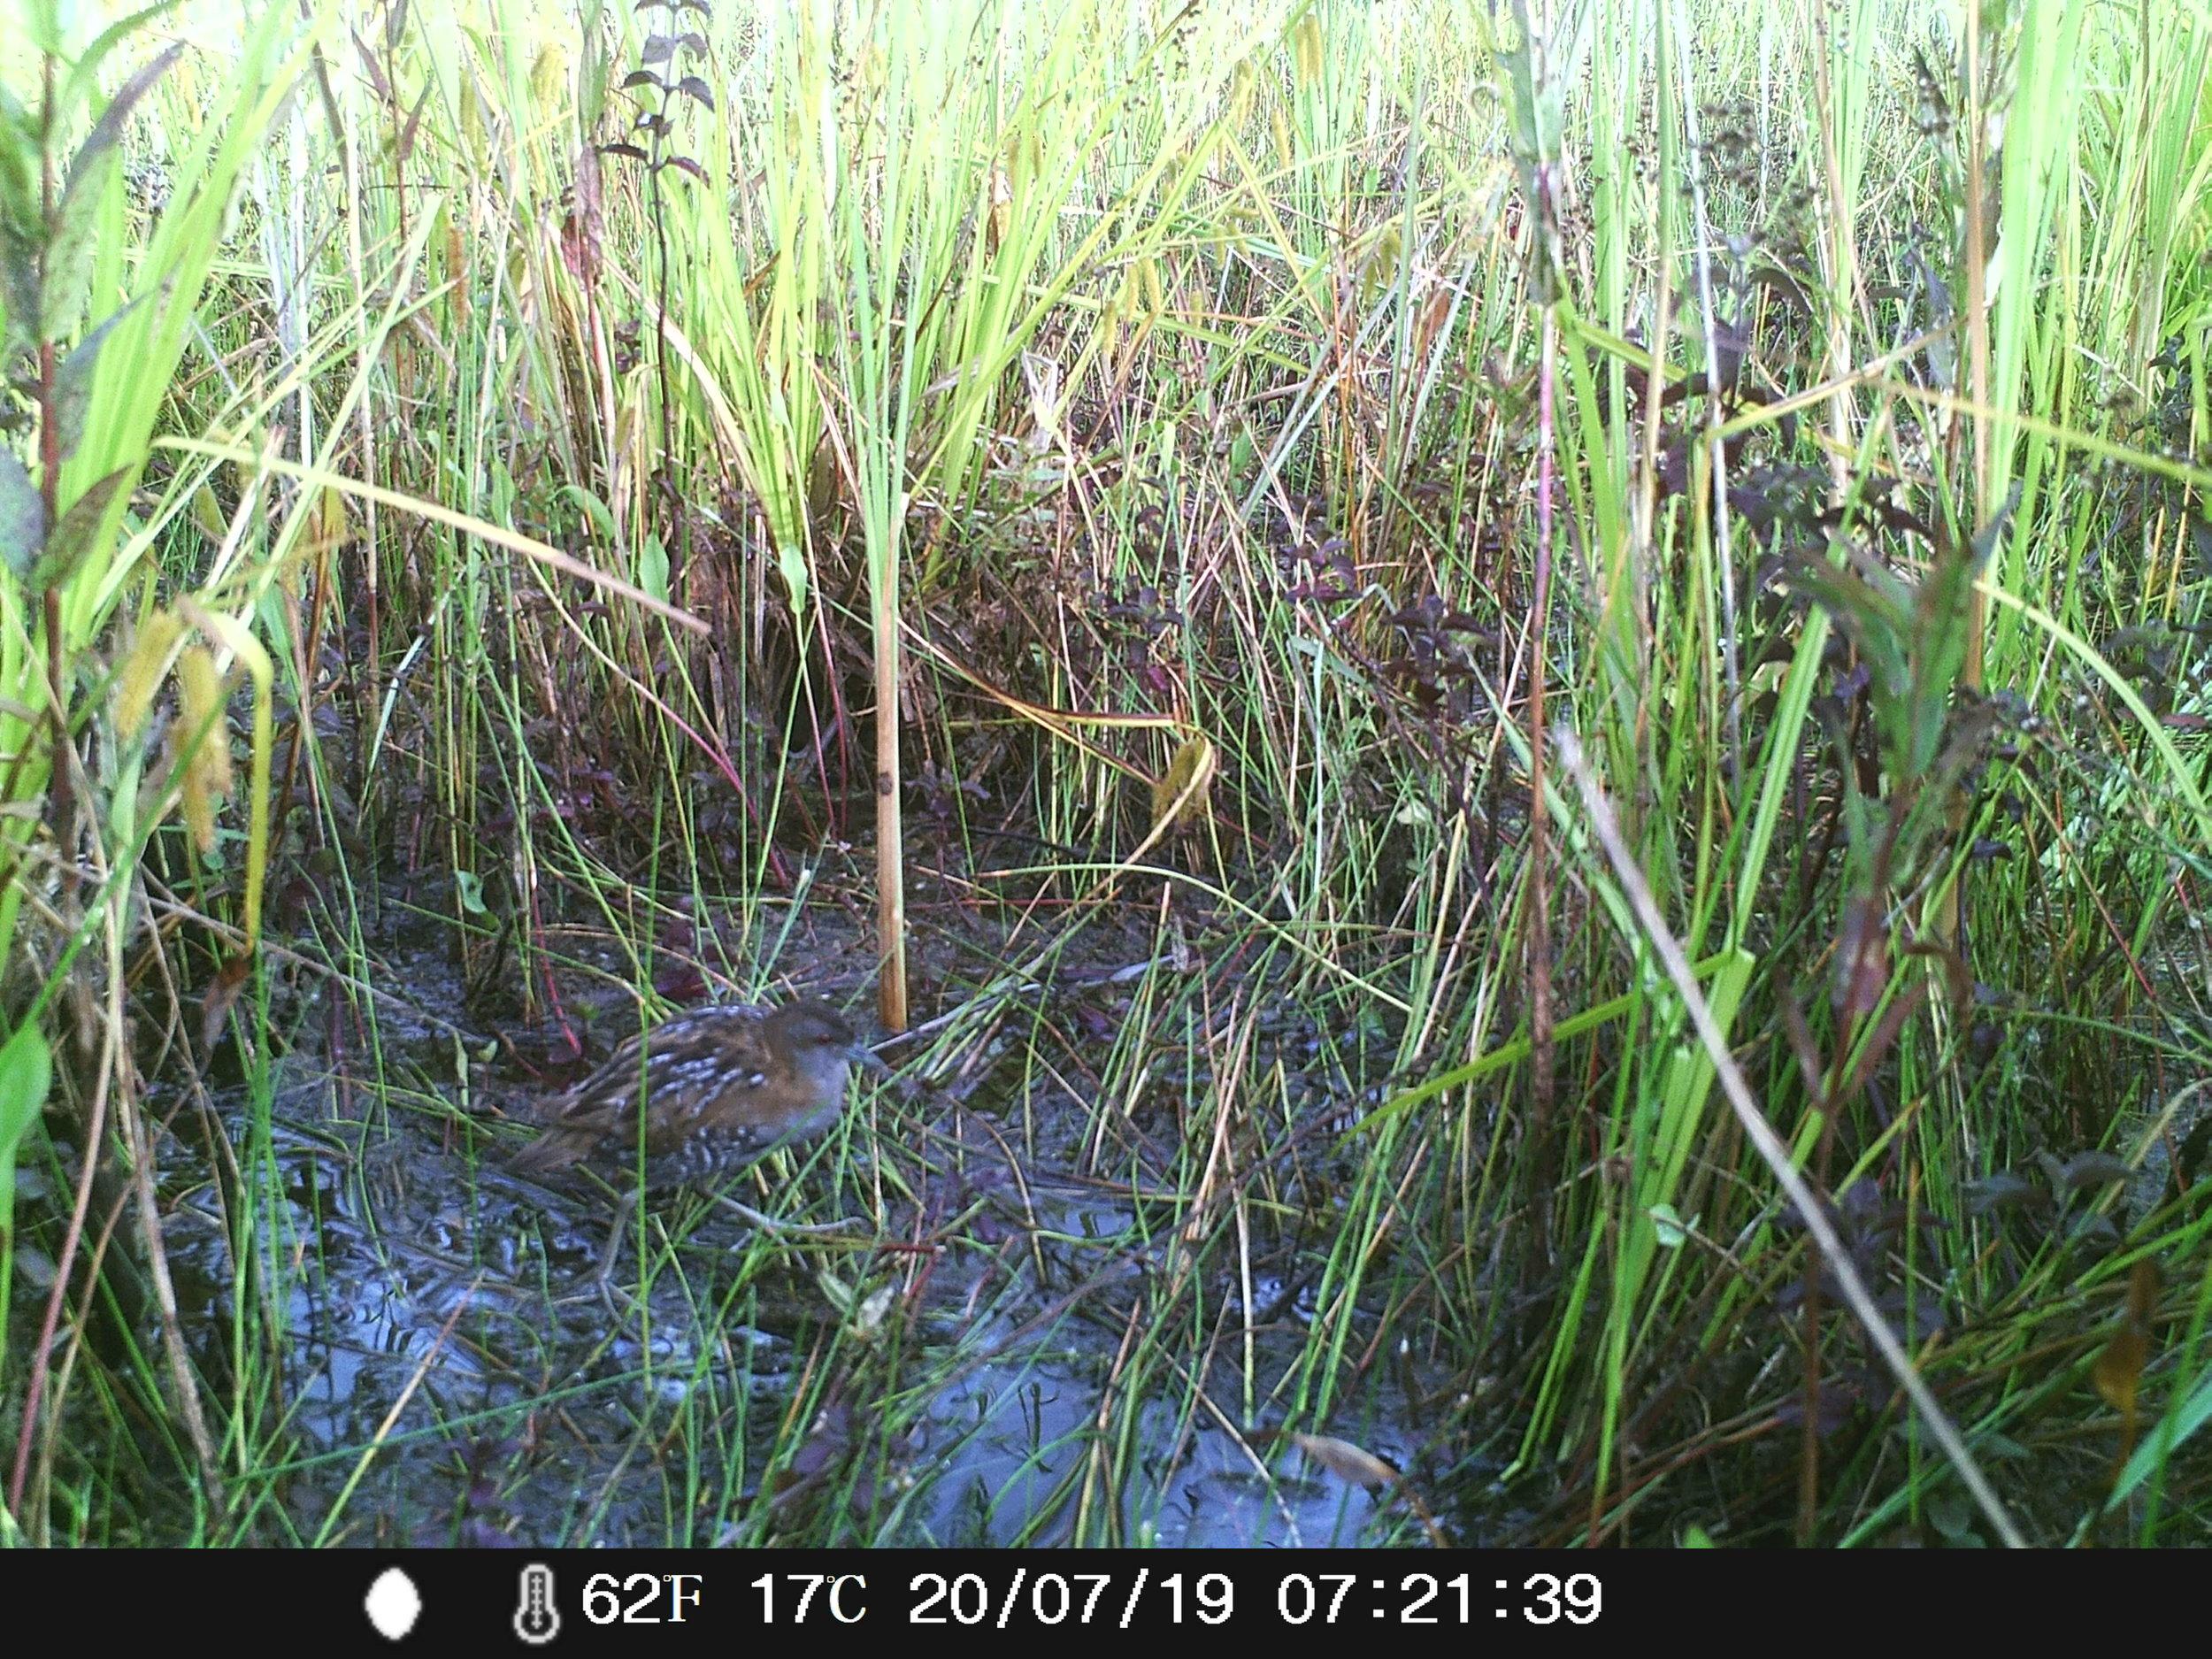 Les pièges à caméra ont permis d'étudier les marouettes dans un habitat dense sans les déranger (photo: Robin Gailly)